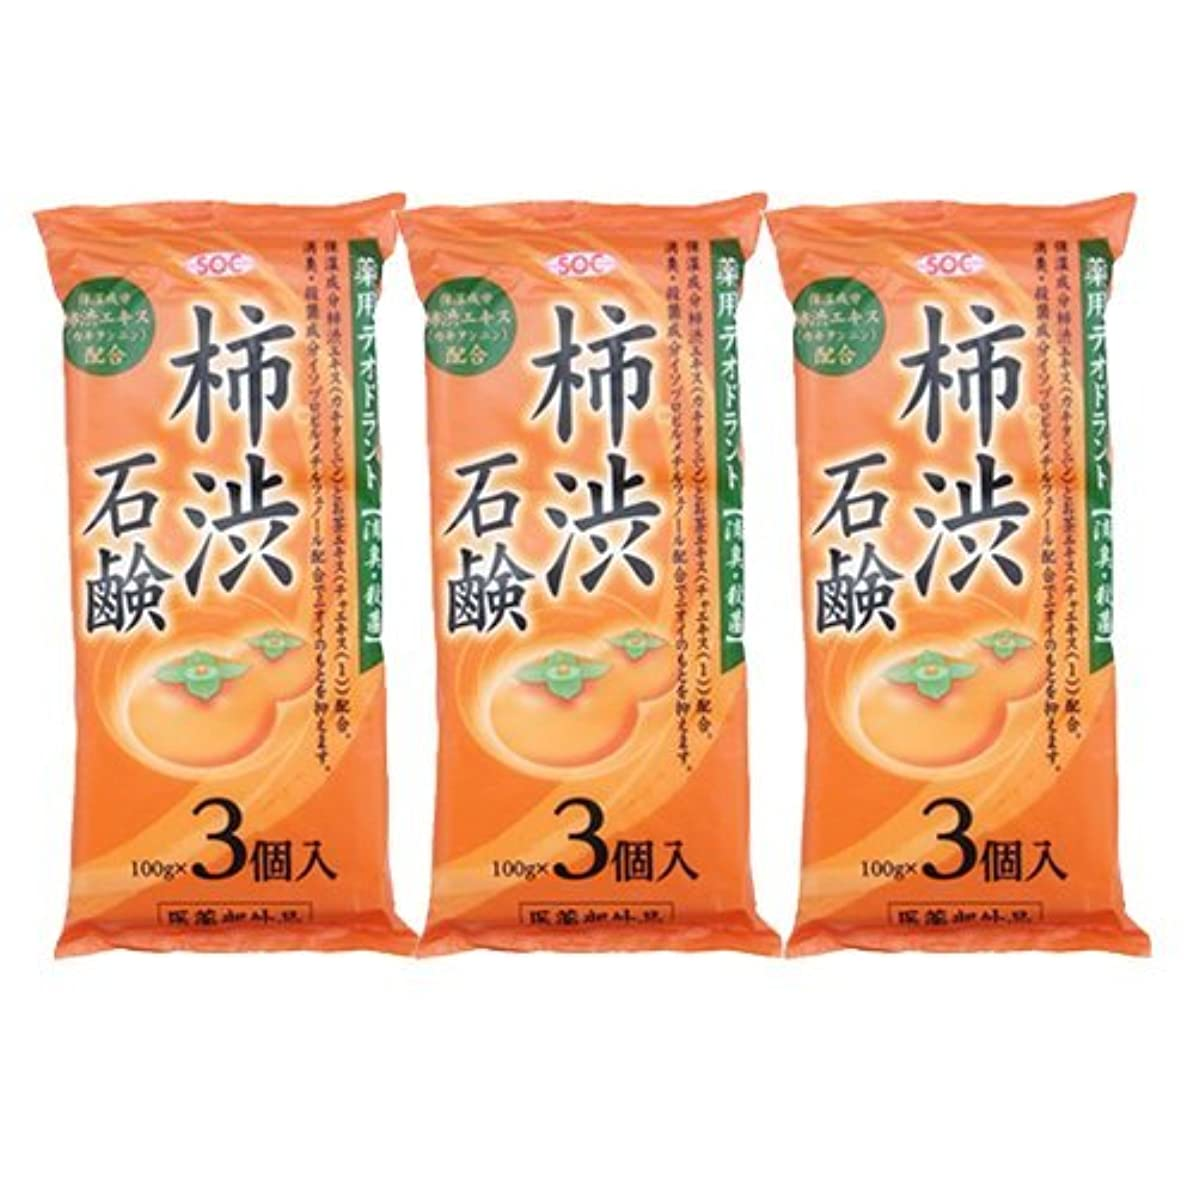 クライアントカーフリボン渋谷油脂 SOC 薬用柿渋石鹸 3P ×3袋セット (100g×9個)